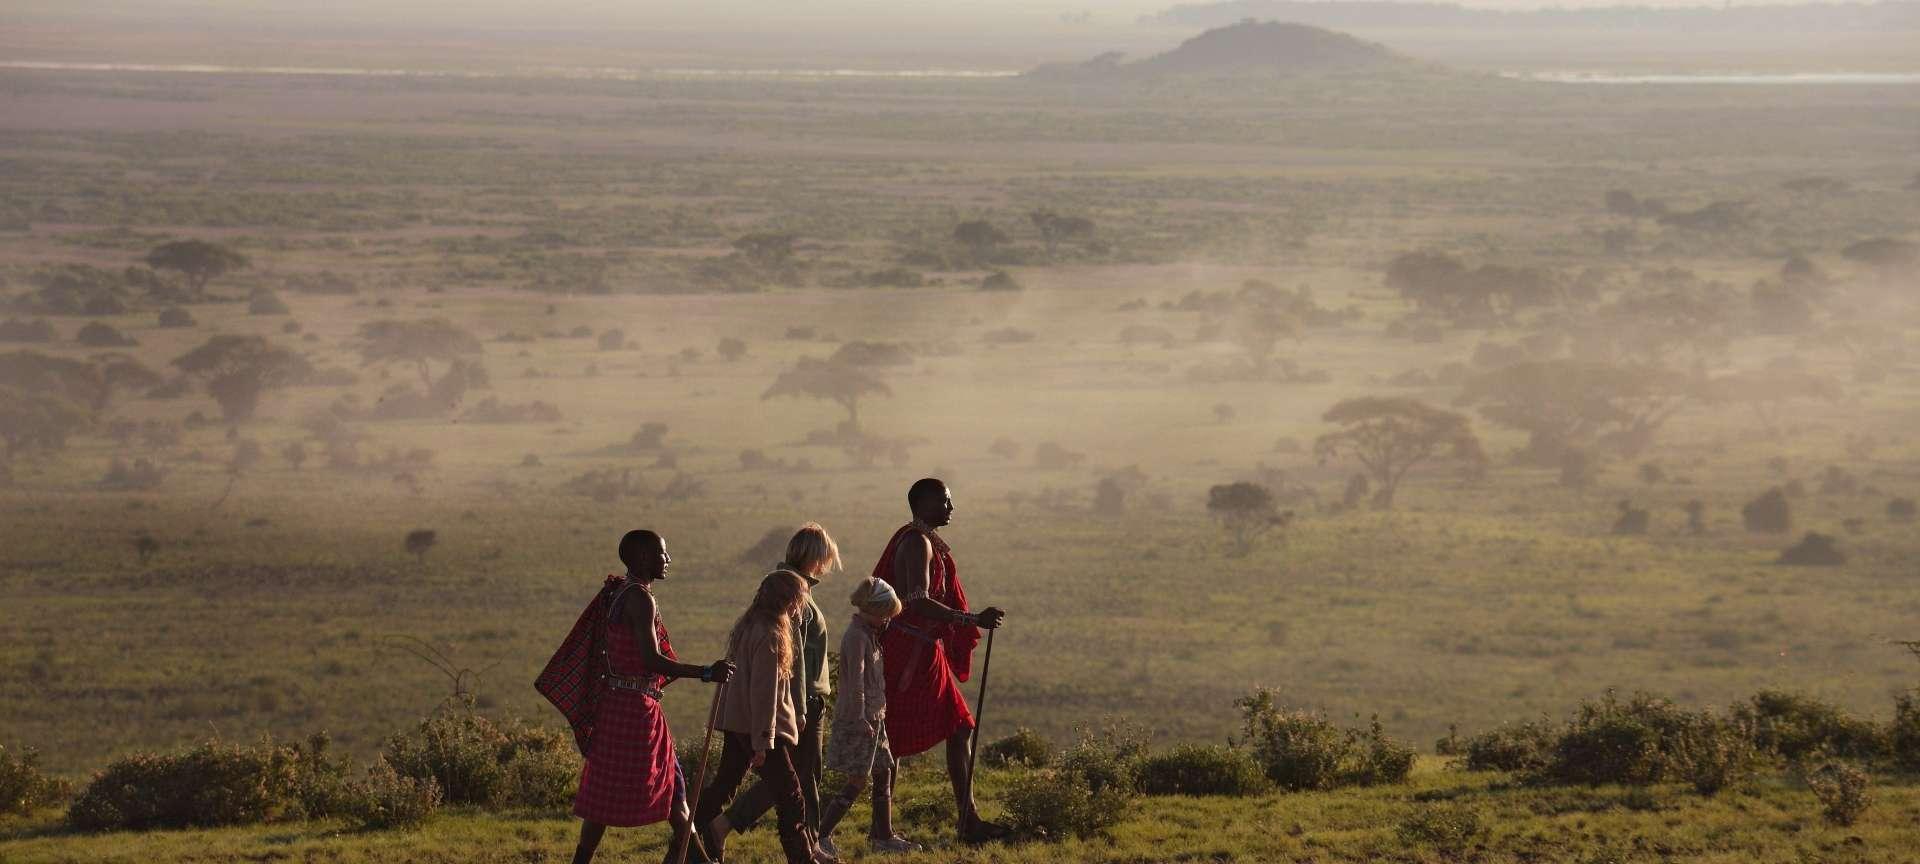 Kenya - Africa Wildlife Safaris